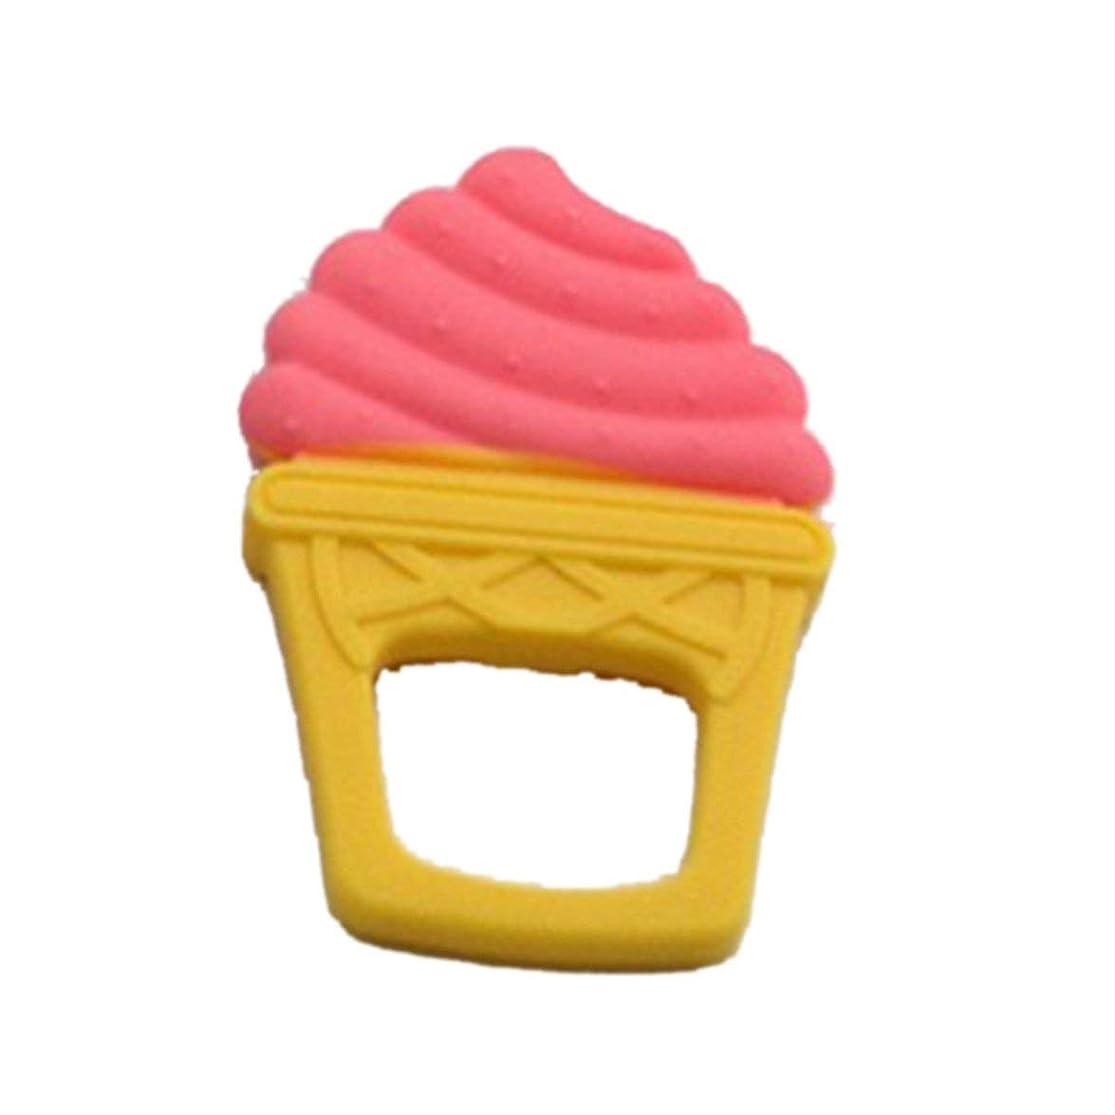 十分な抑圧する意欲シリコーンベビーティーザー2色の果物と野菜の食品グレードソフトシリコーンティーザーベビーモルティーザー-ピンク-